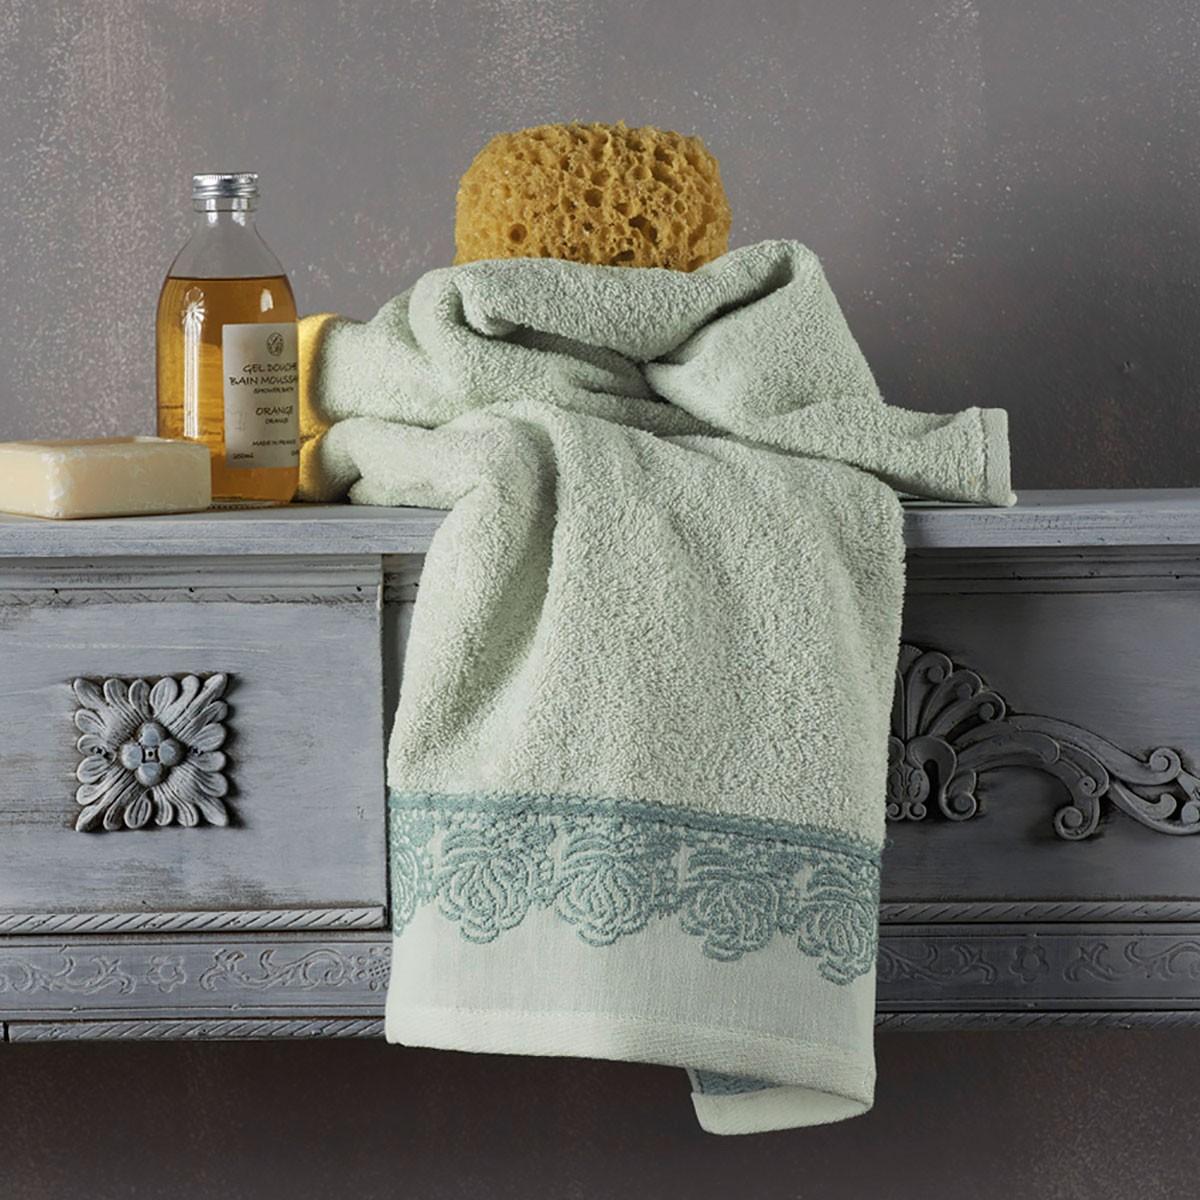 Πετσέτες Προσώπου (Σετ 2τμχ) Kentia Versus Marion